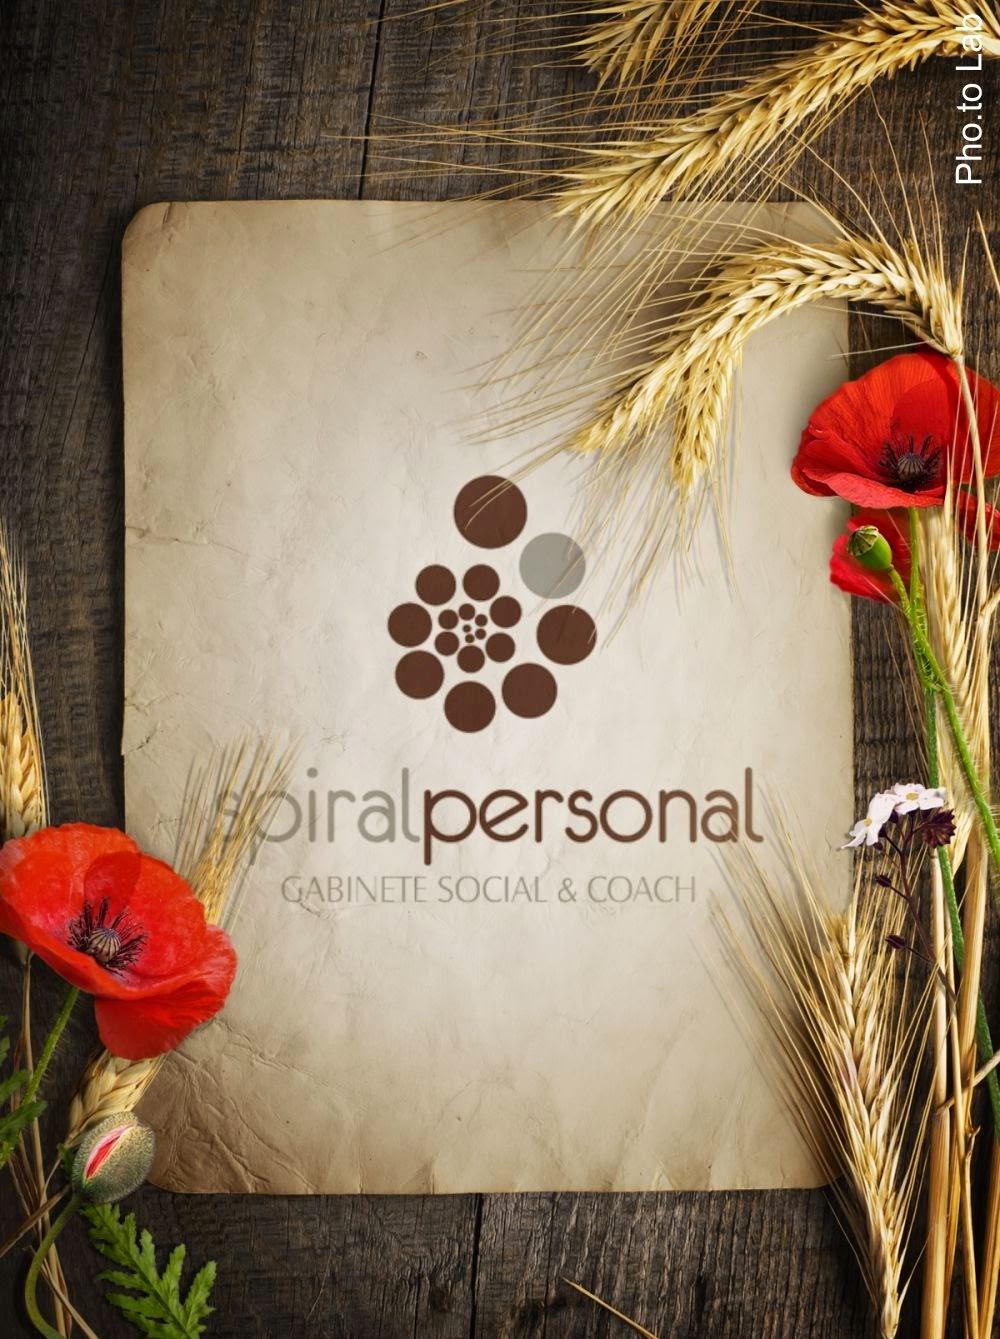 En Primavera pon un Coach en tu Vida!!!. Spiral Personal.Gabinete Social & Coach